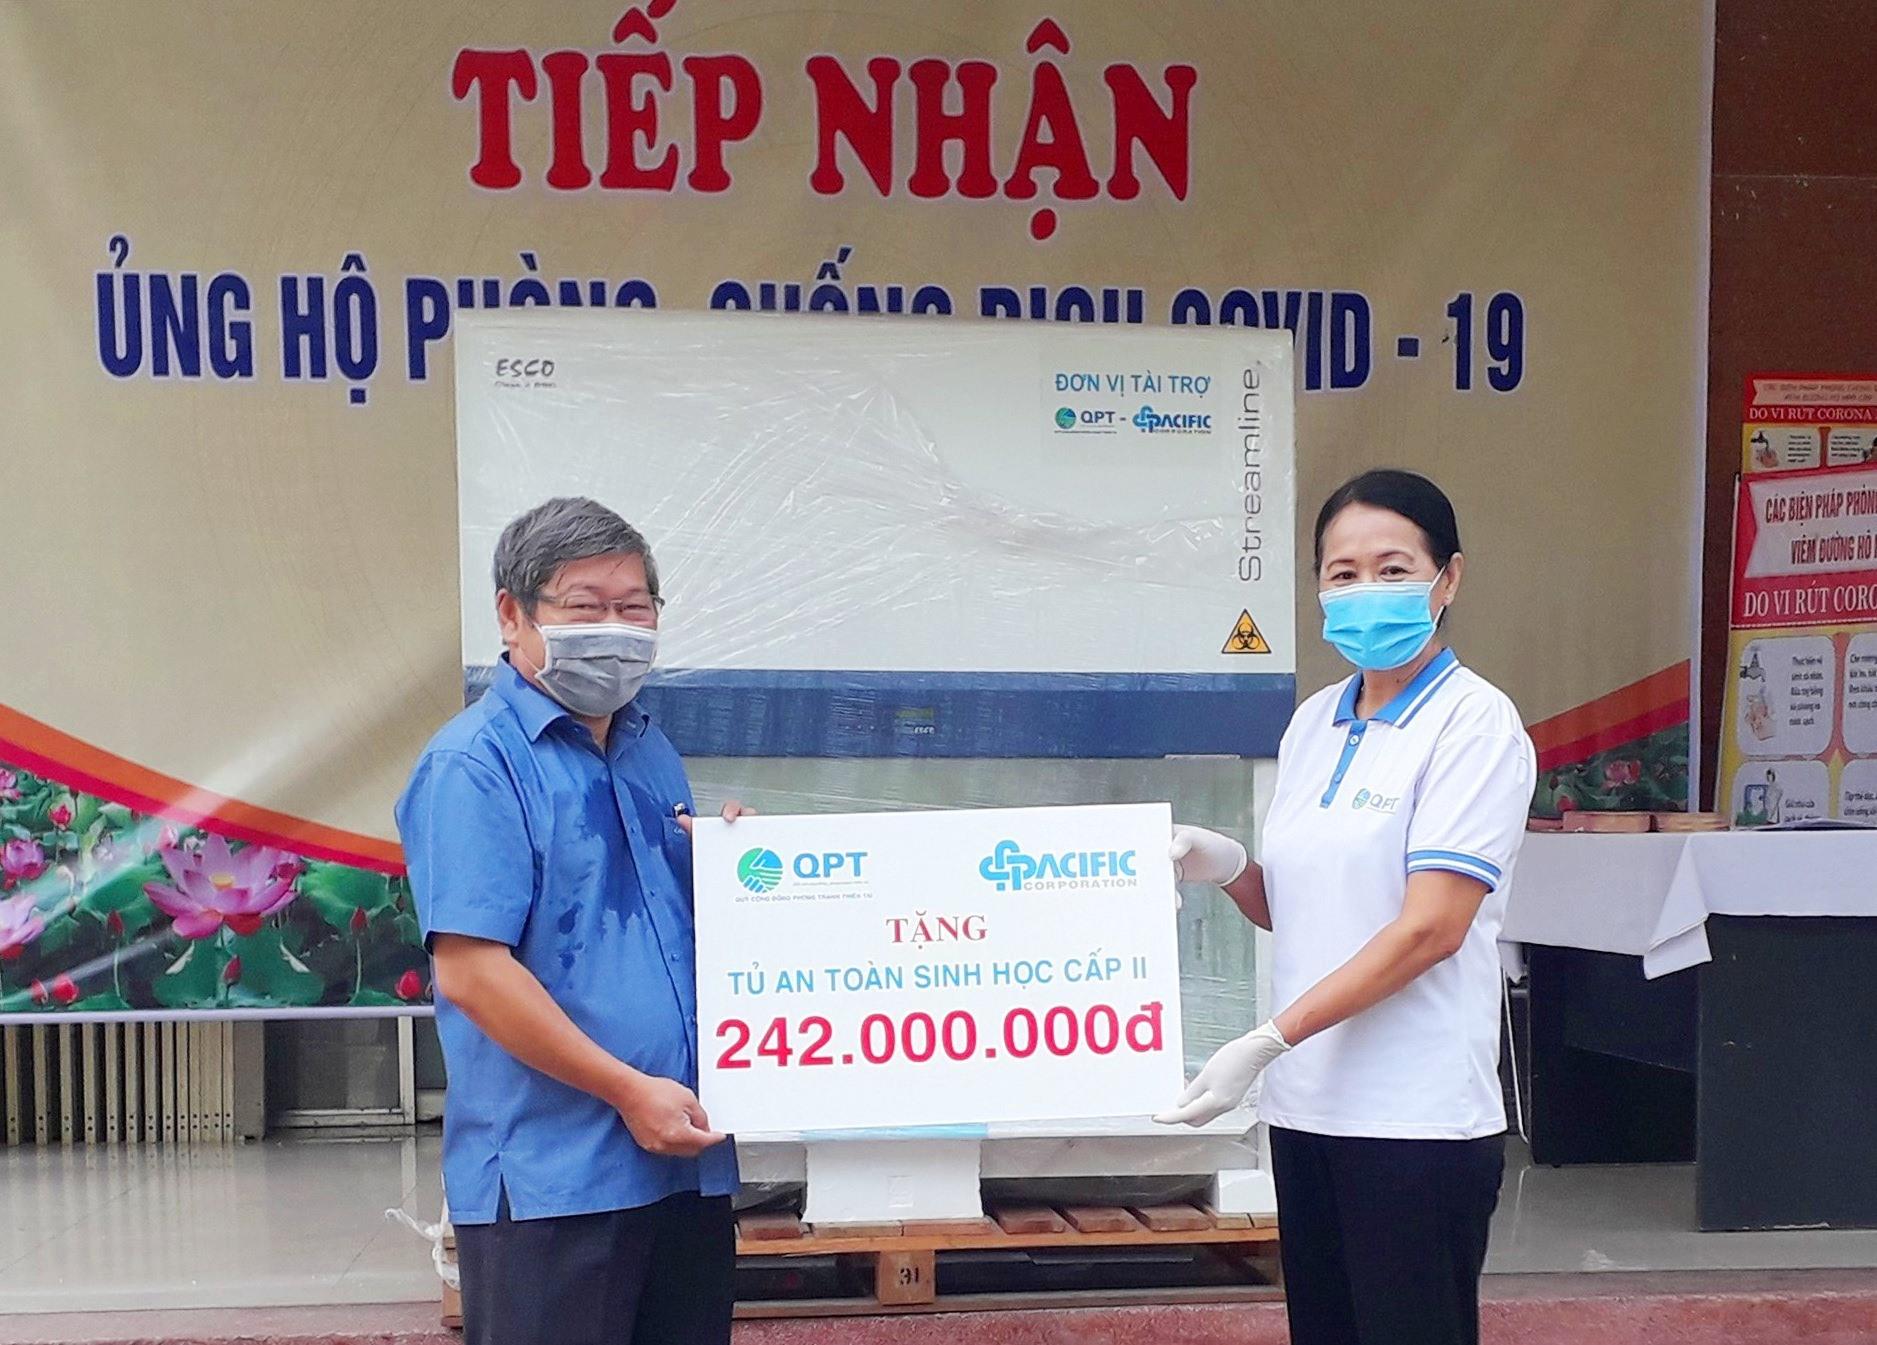 Lãnh đạo CDC Quảng Nam tiếp nhận thiết bị y tế từ Quỹ Cộng đồng phòng tránh thiên tai. Ảnh: V.A